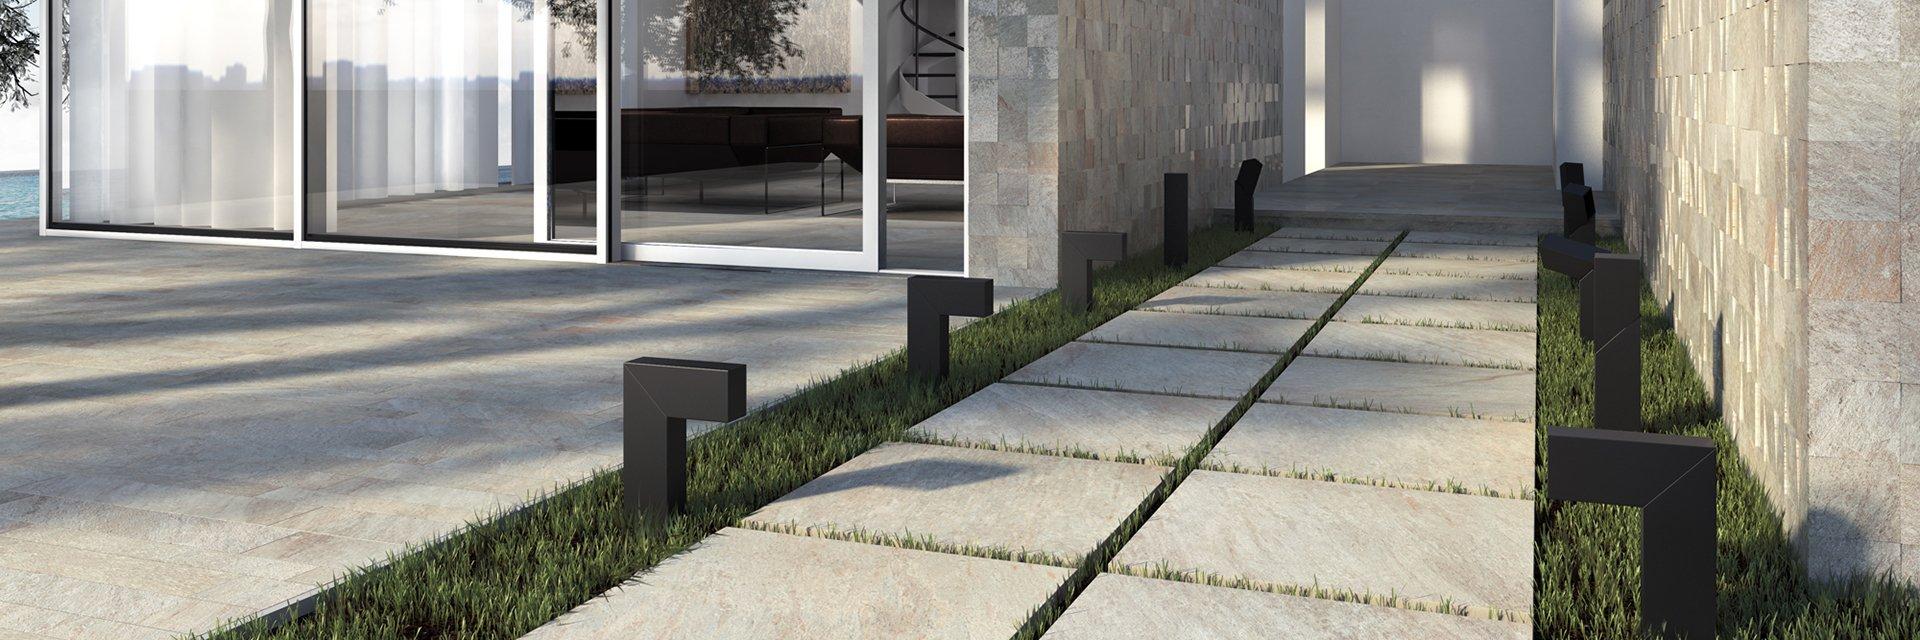 gres per esterni spessore 2 centimetri tipo pietra